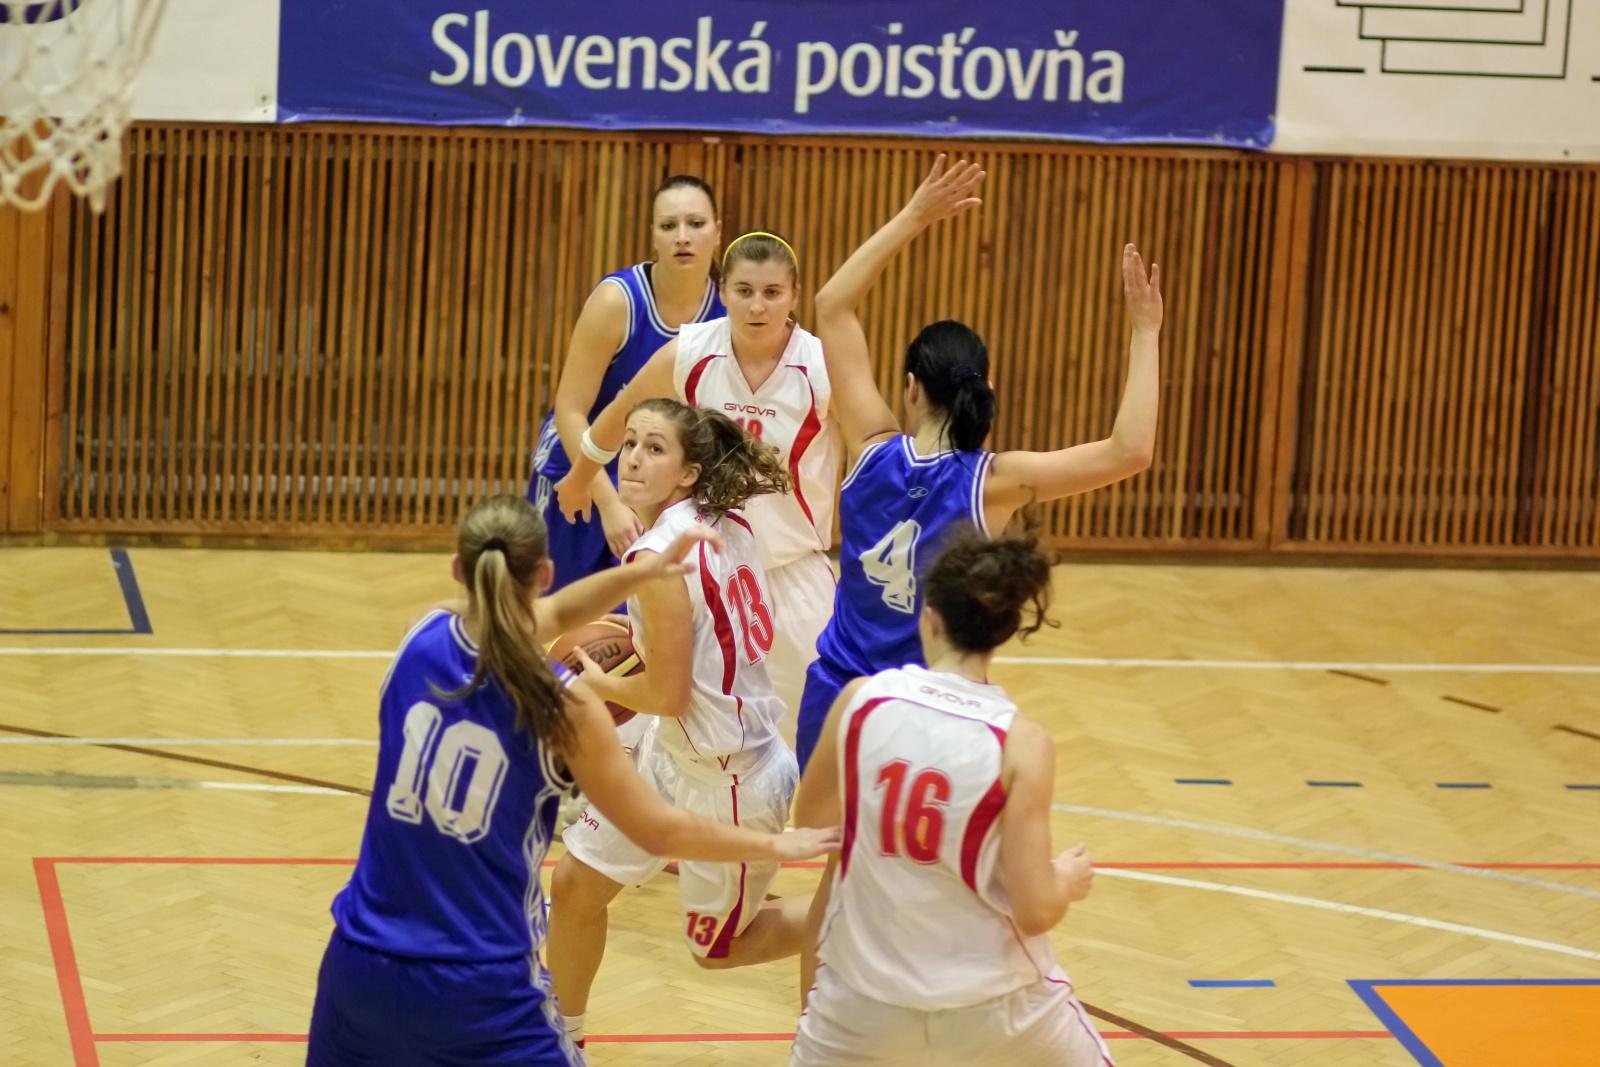 bk-zvolen-eilat-presov-basketbal-sp-zeny-14